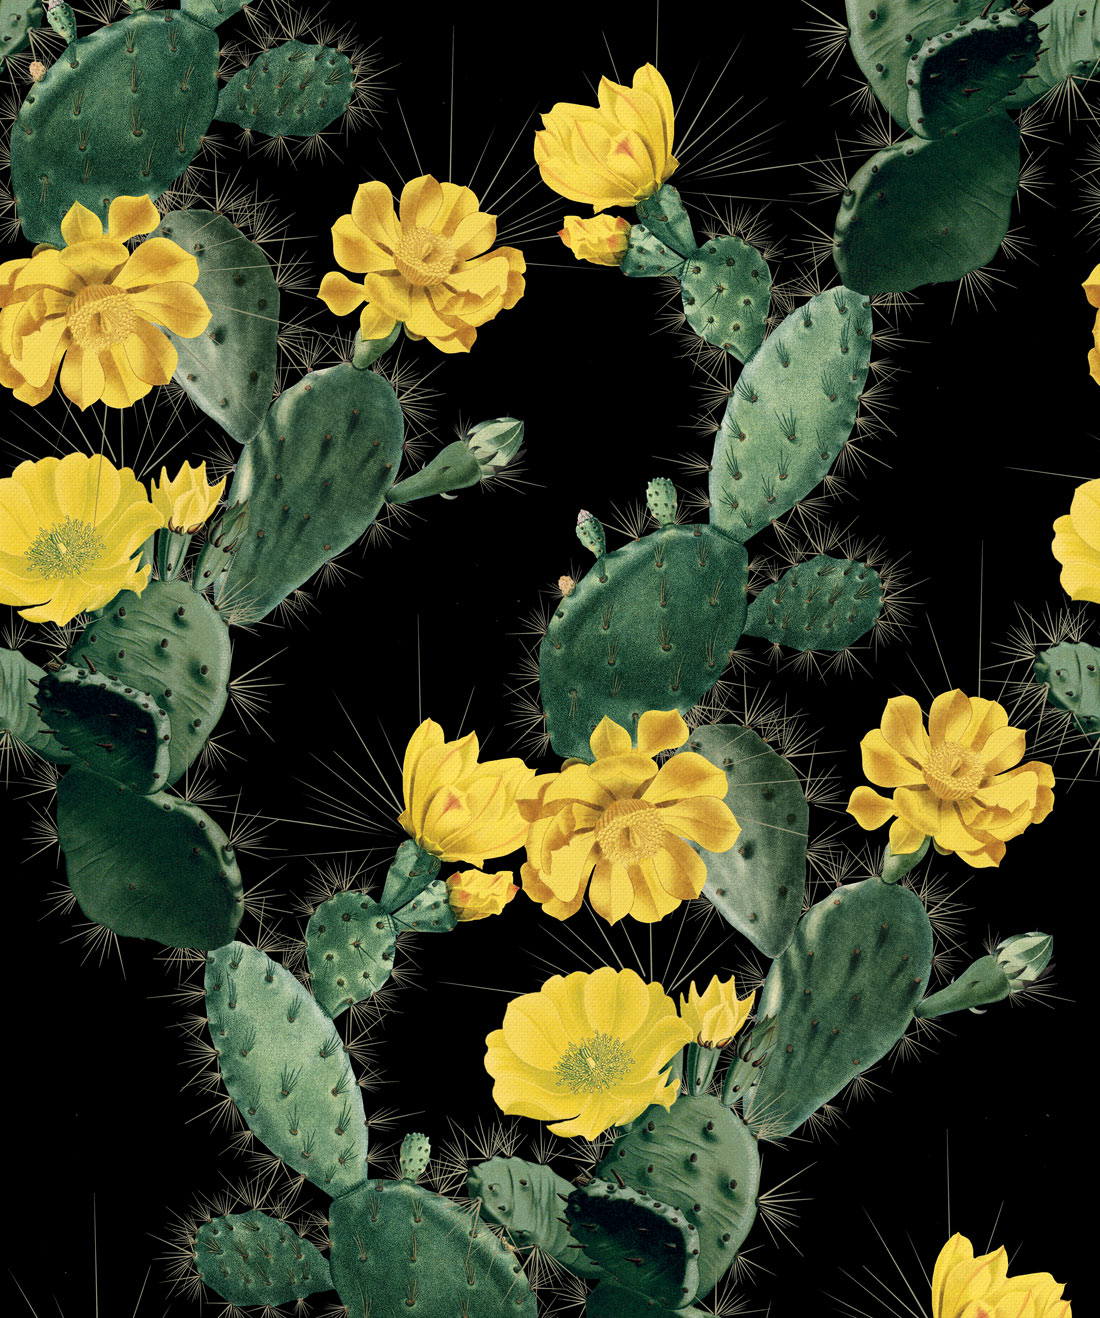 Cactus Yellow Night